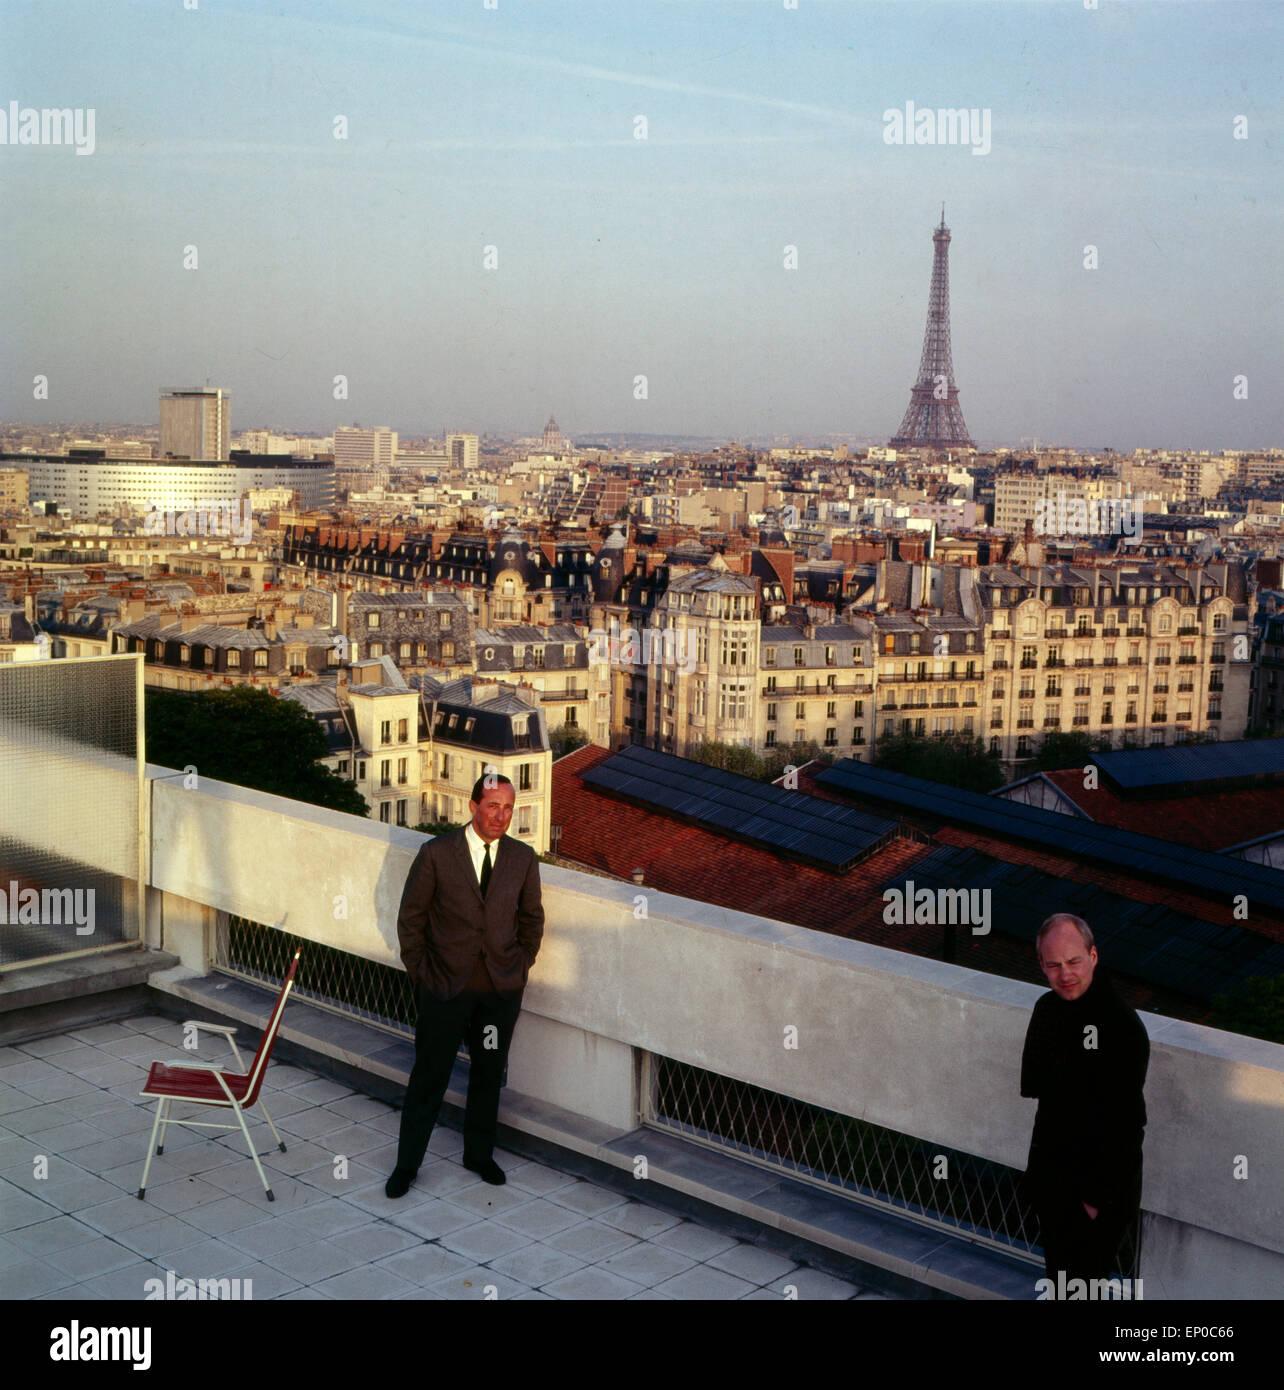 Der Deutsch französischen Journalist Und Publizist Peter Scholl-Latour Über Den Dächern von Paris, Stockbild